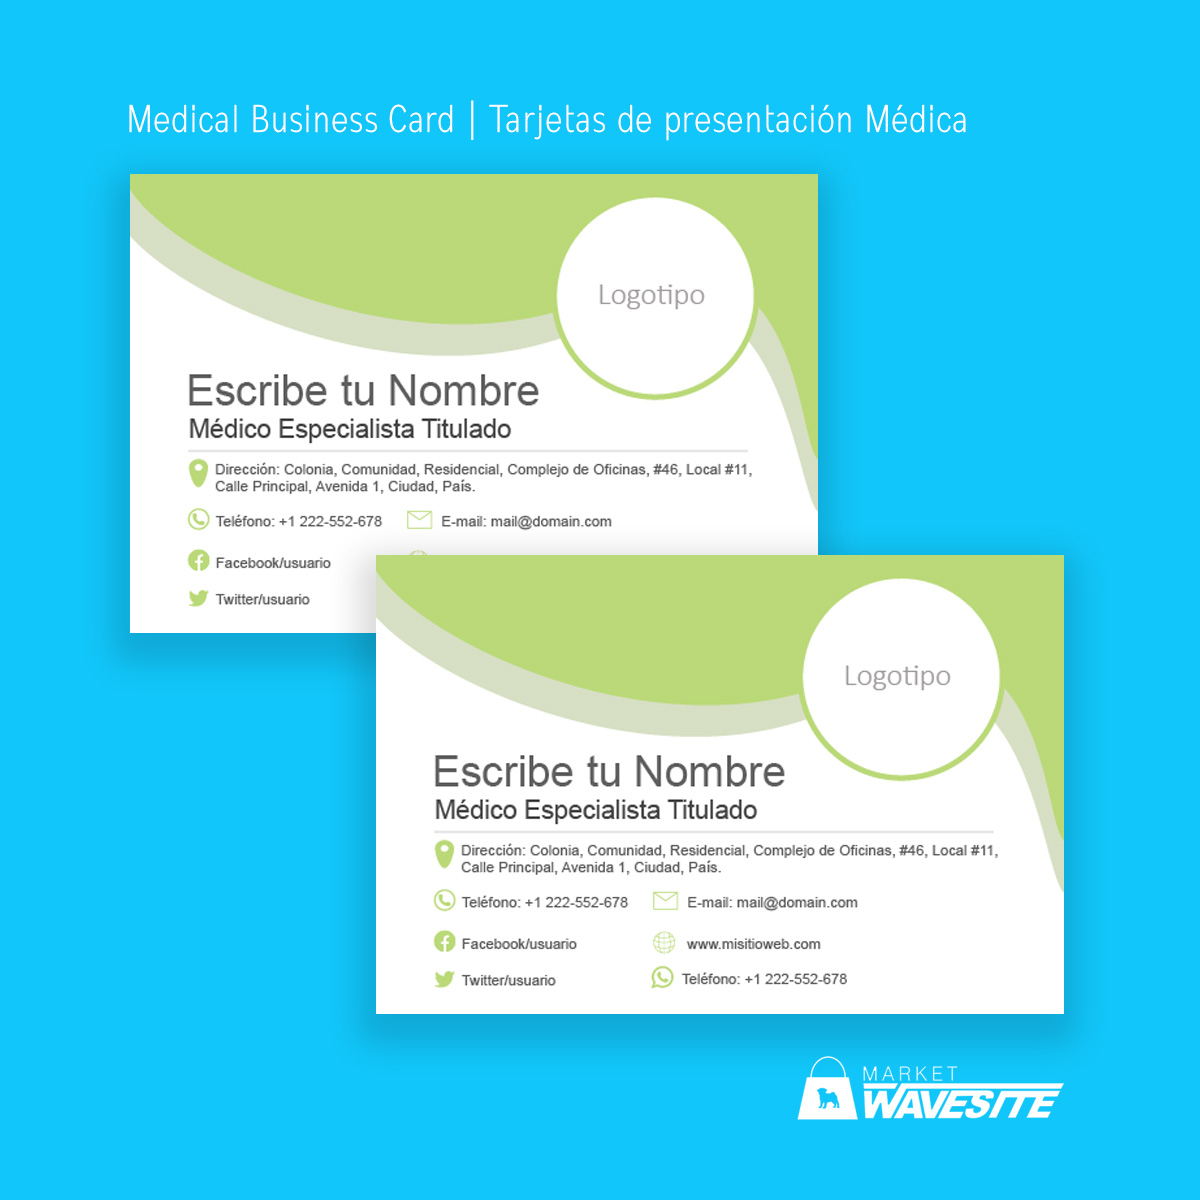 Tarjetas de presentación/Business card Medical plantilla Word y Adobe Illustrator para Descargar